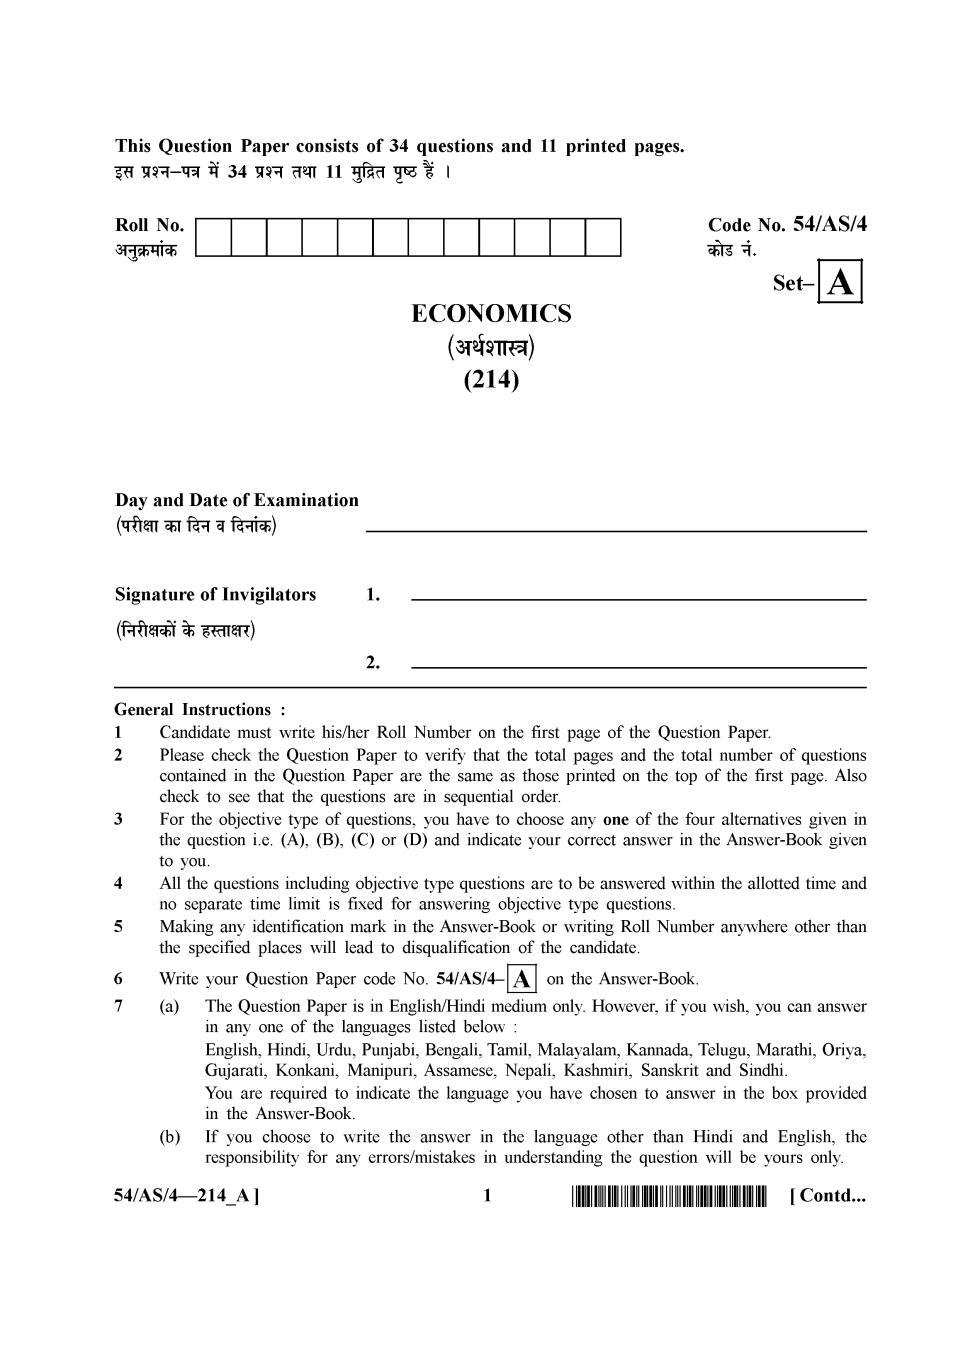 NIOS Class 10 Question Paper Apr 2017 - Economics - Page 1